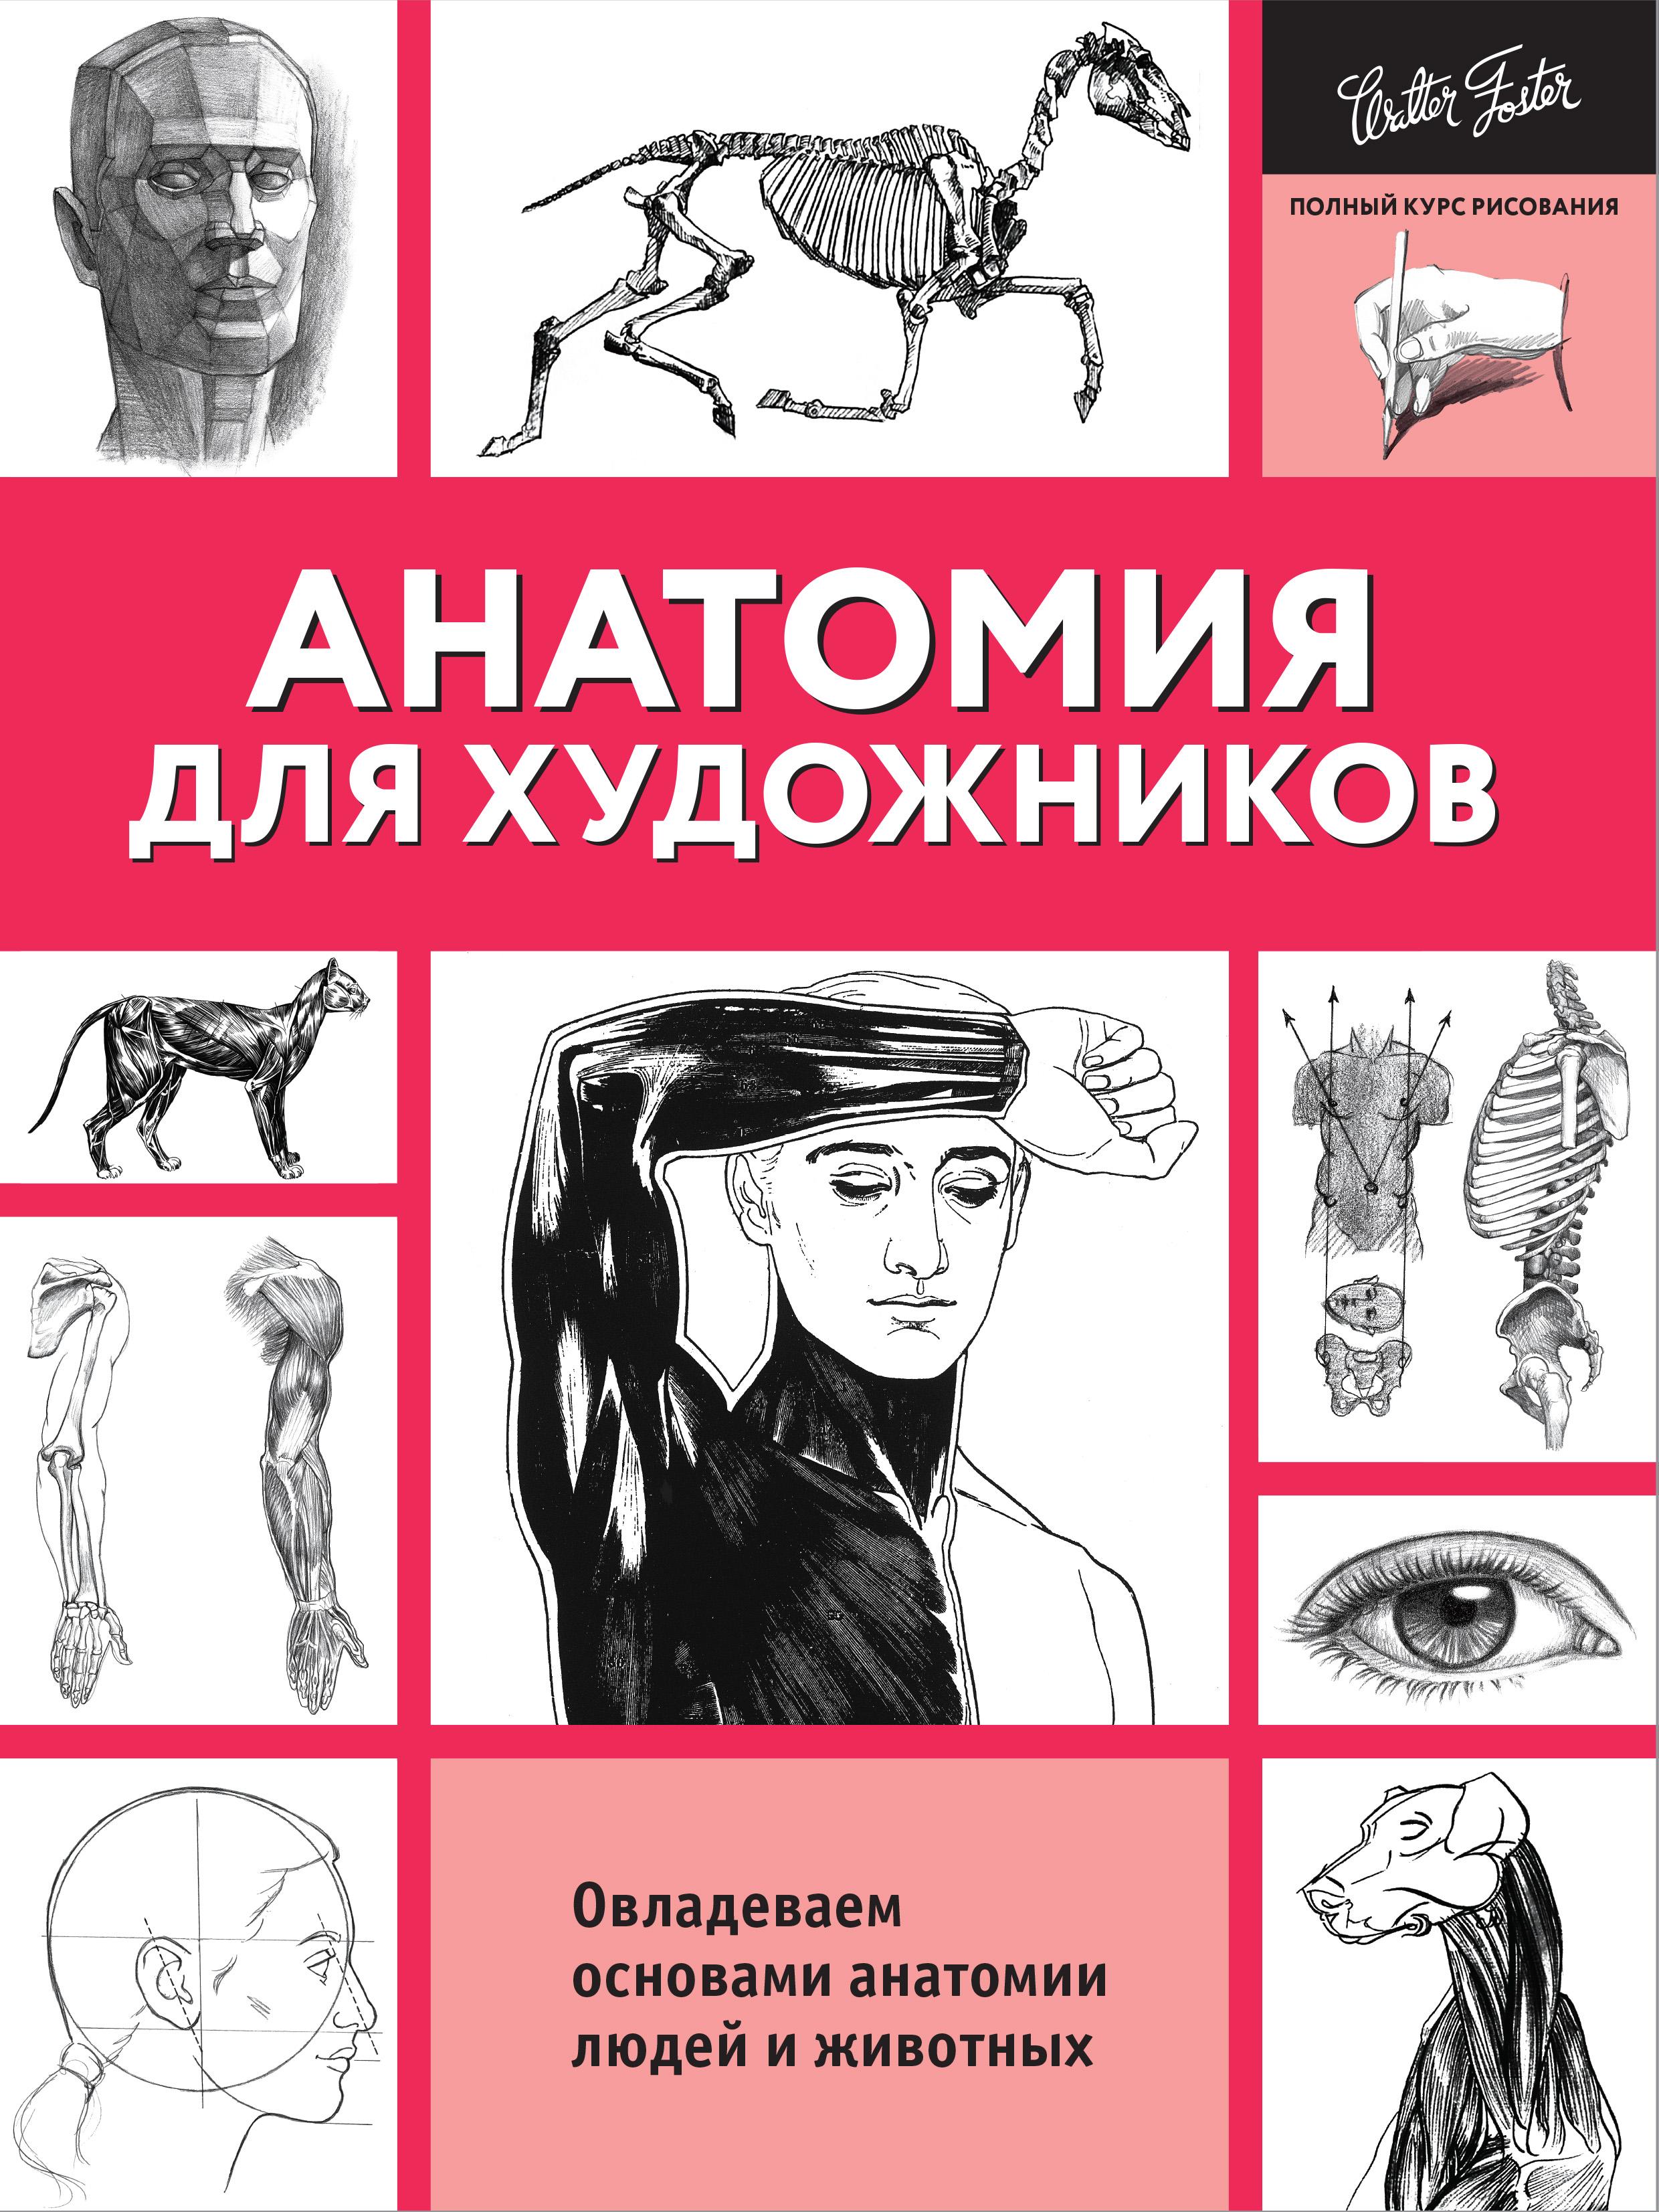 . Анатомия для художников шилкин в филимонов в анатомия по пирогову атлас анатомии человека том 1 верхняя конечность нижняя конечность cd